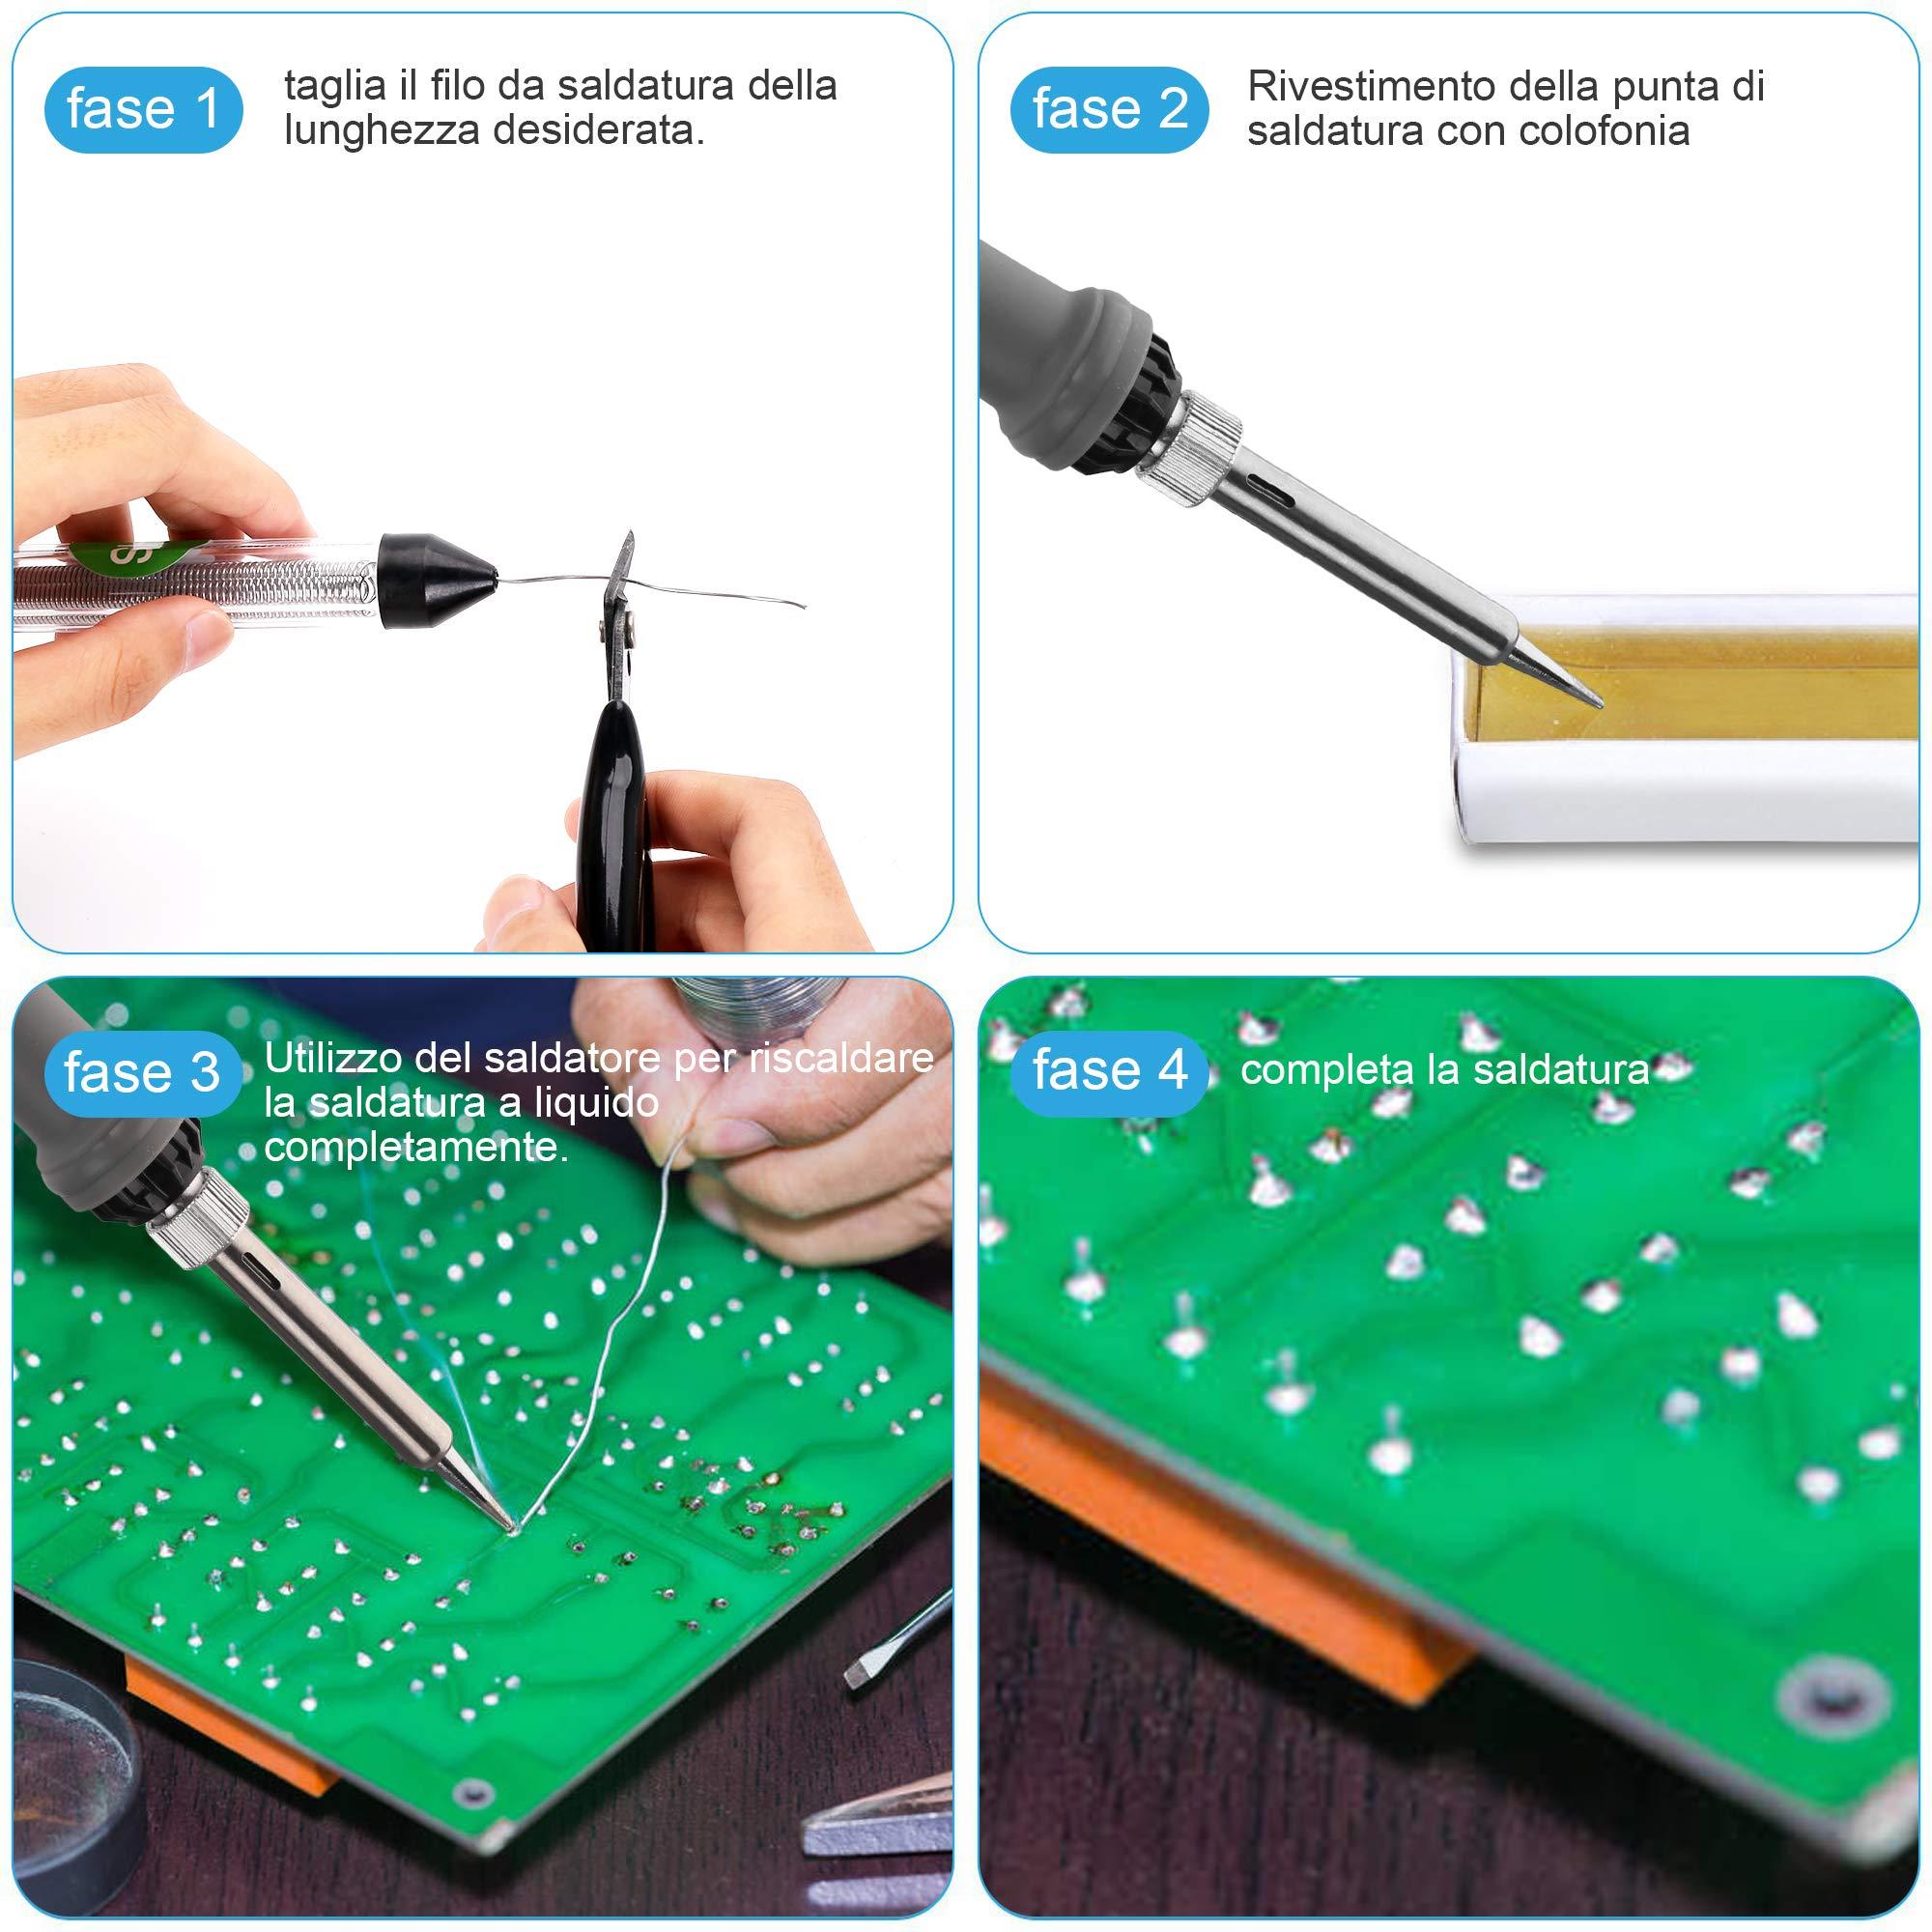 Gocheer 16 in 1 kit mini saldatore elettrico a stagno 60 W professionale saldatura stagno di precisione micro saldatrice a stagno elettronica,Temperatura Regolabile200℃〜450℃